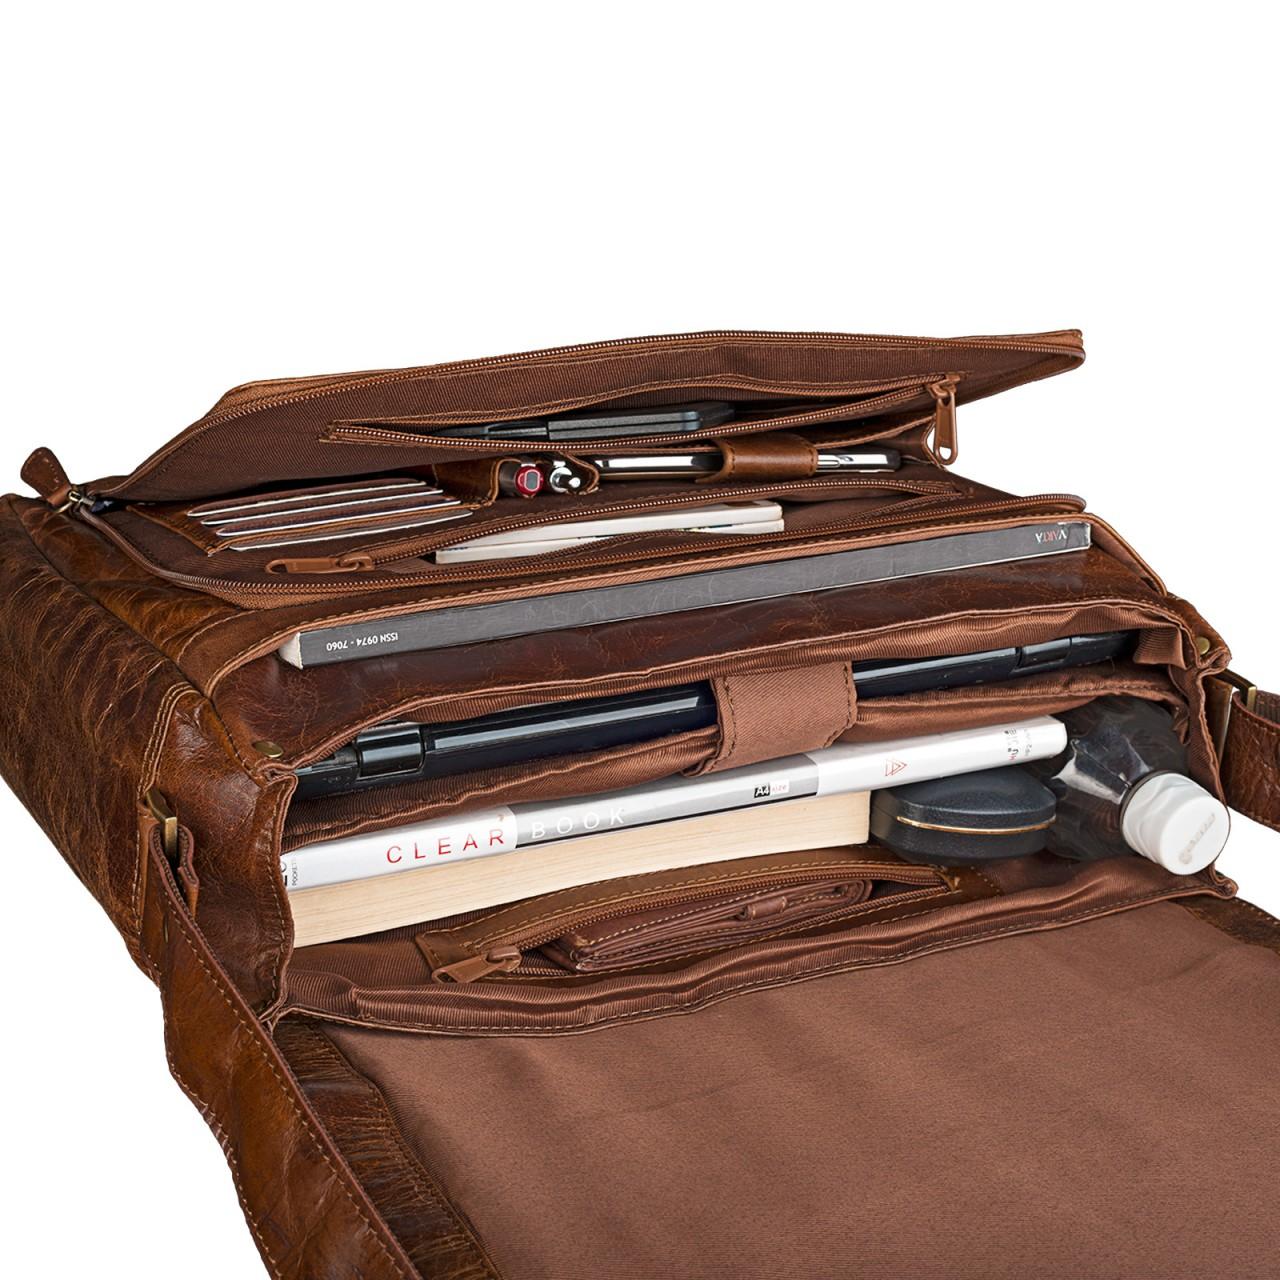 B-WARE STILORD 15,6 Zoll Laptoptasche Leder Umhängetasche Unitasche Aktentasche Freizeit Bürotasche Vintage Antik-Leder braun - Bild 7